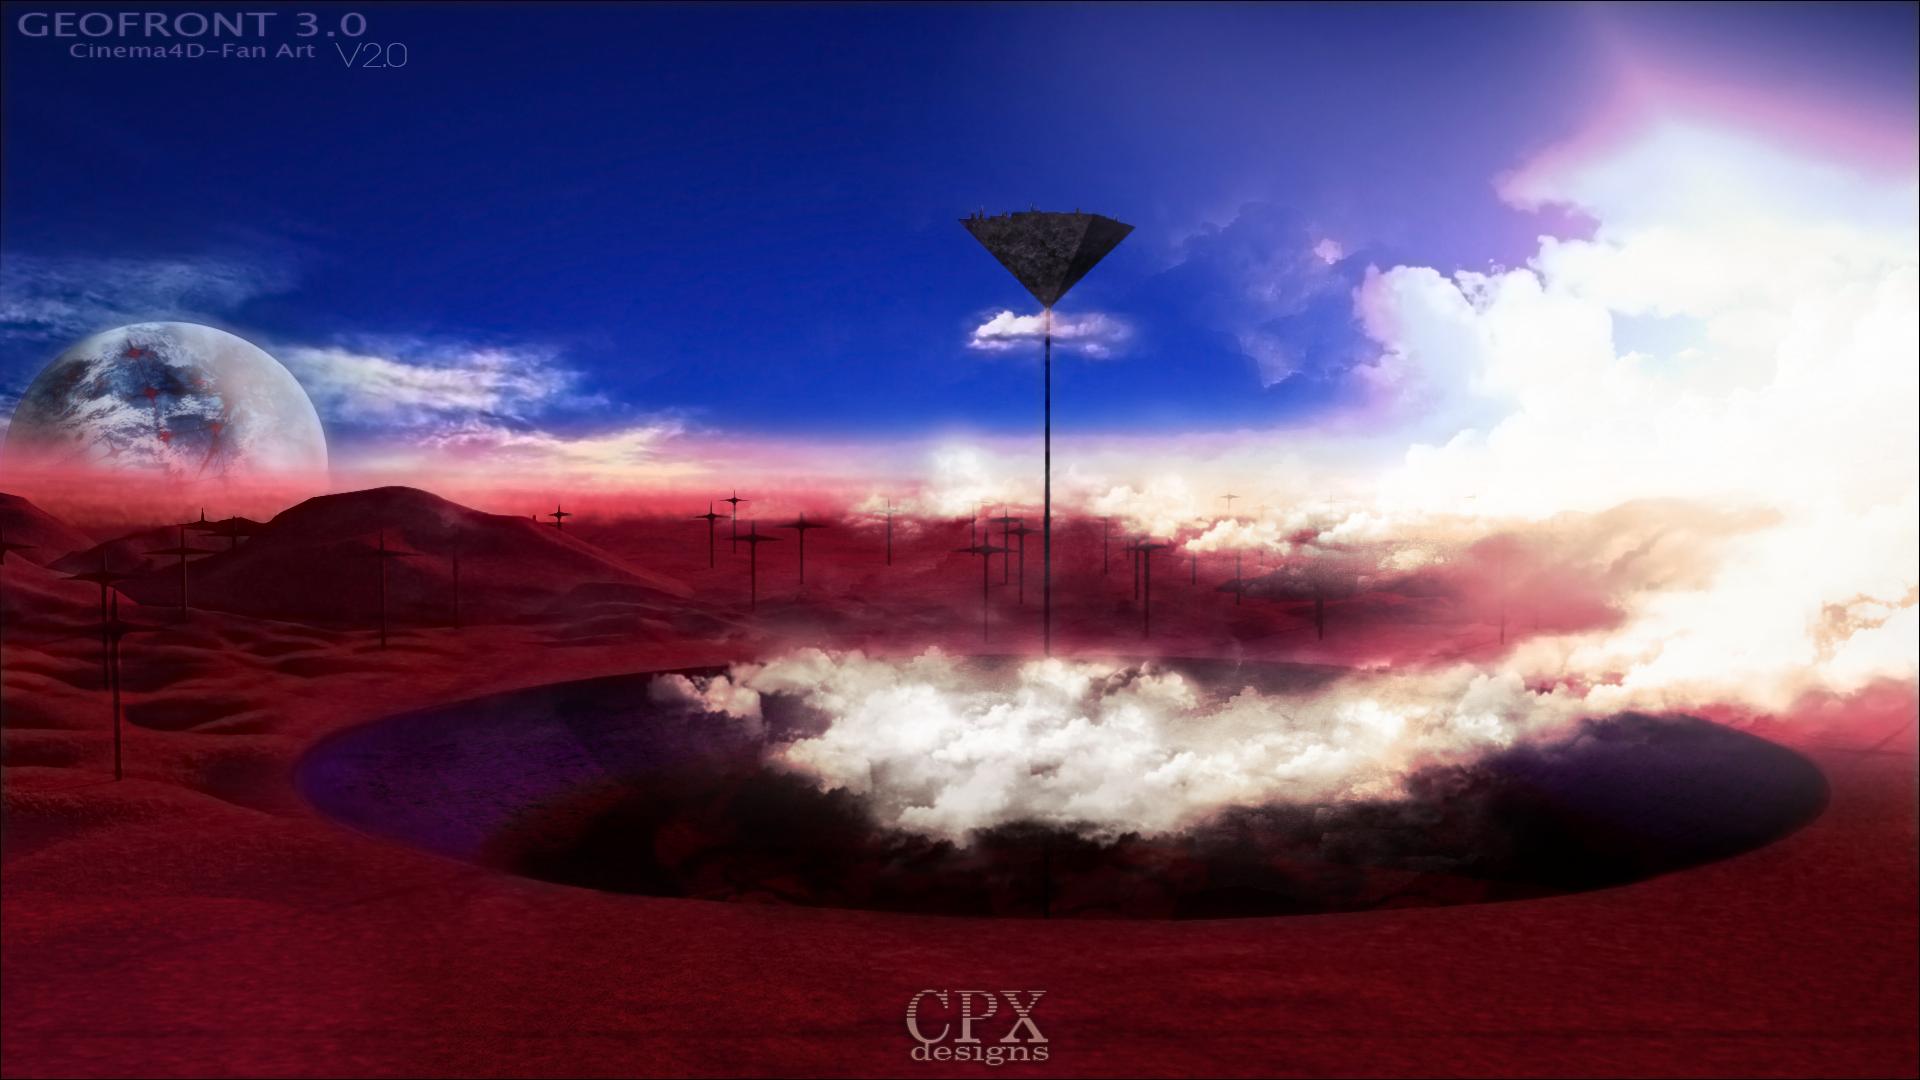 Evangelion Geofront 3.0 v2.0 by corpex on DeviantArt